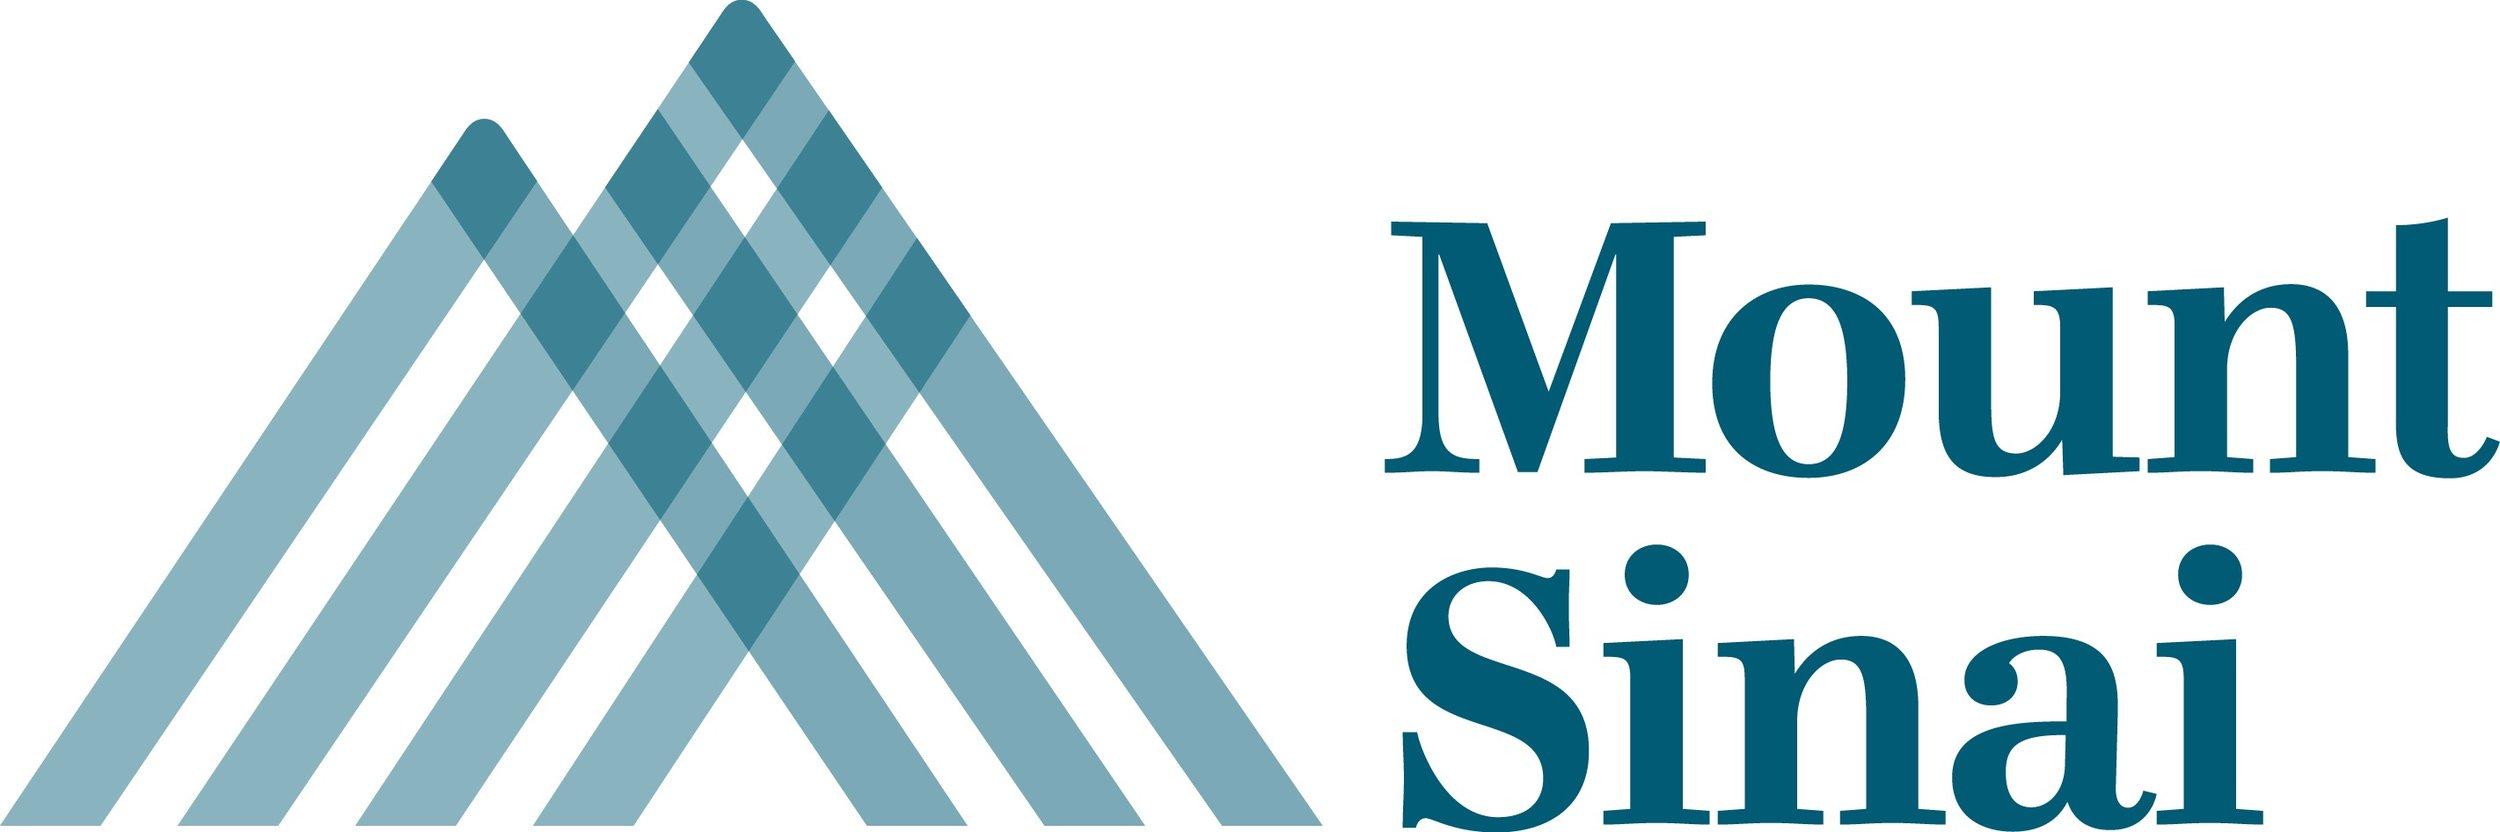 db Mount Sinai Logo.jpg